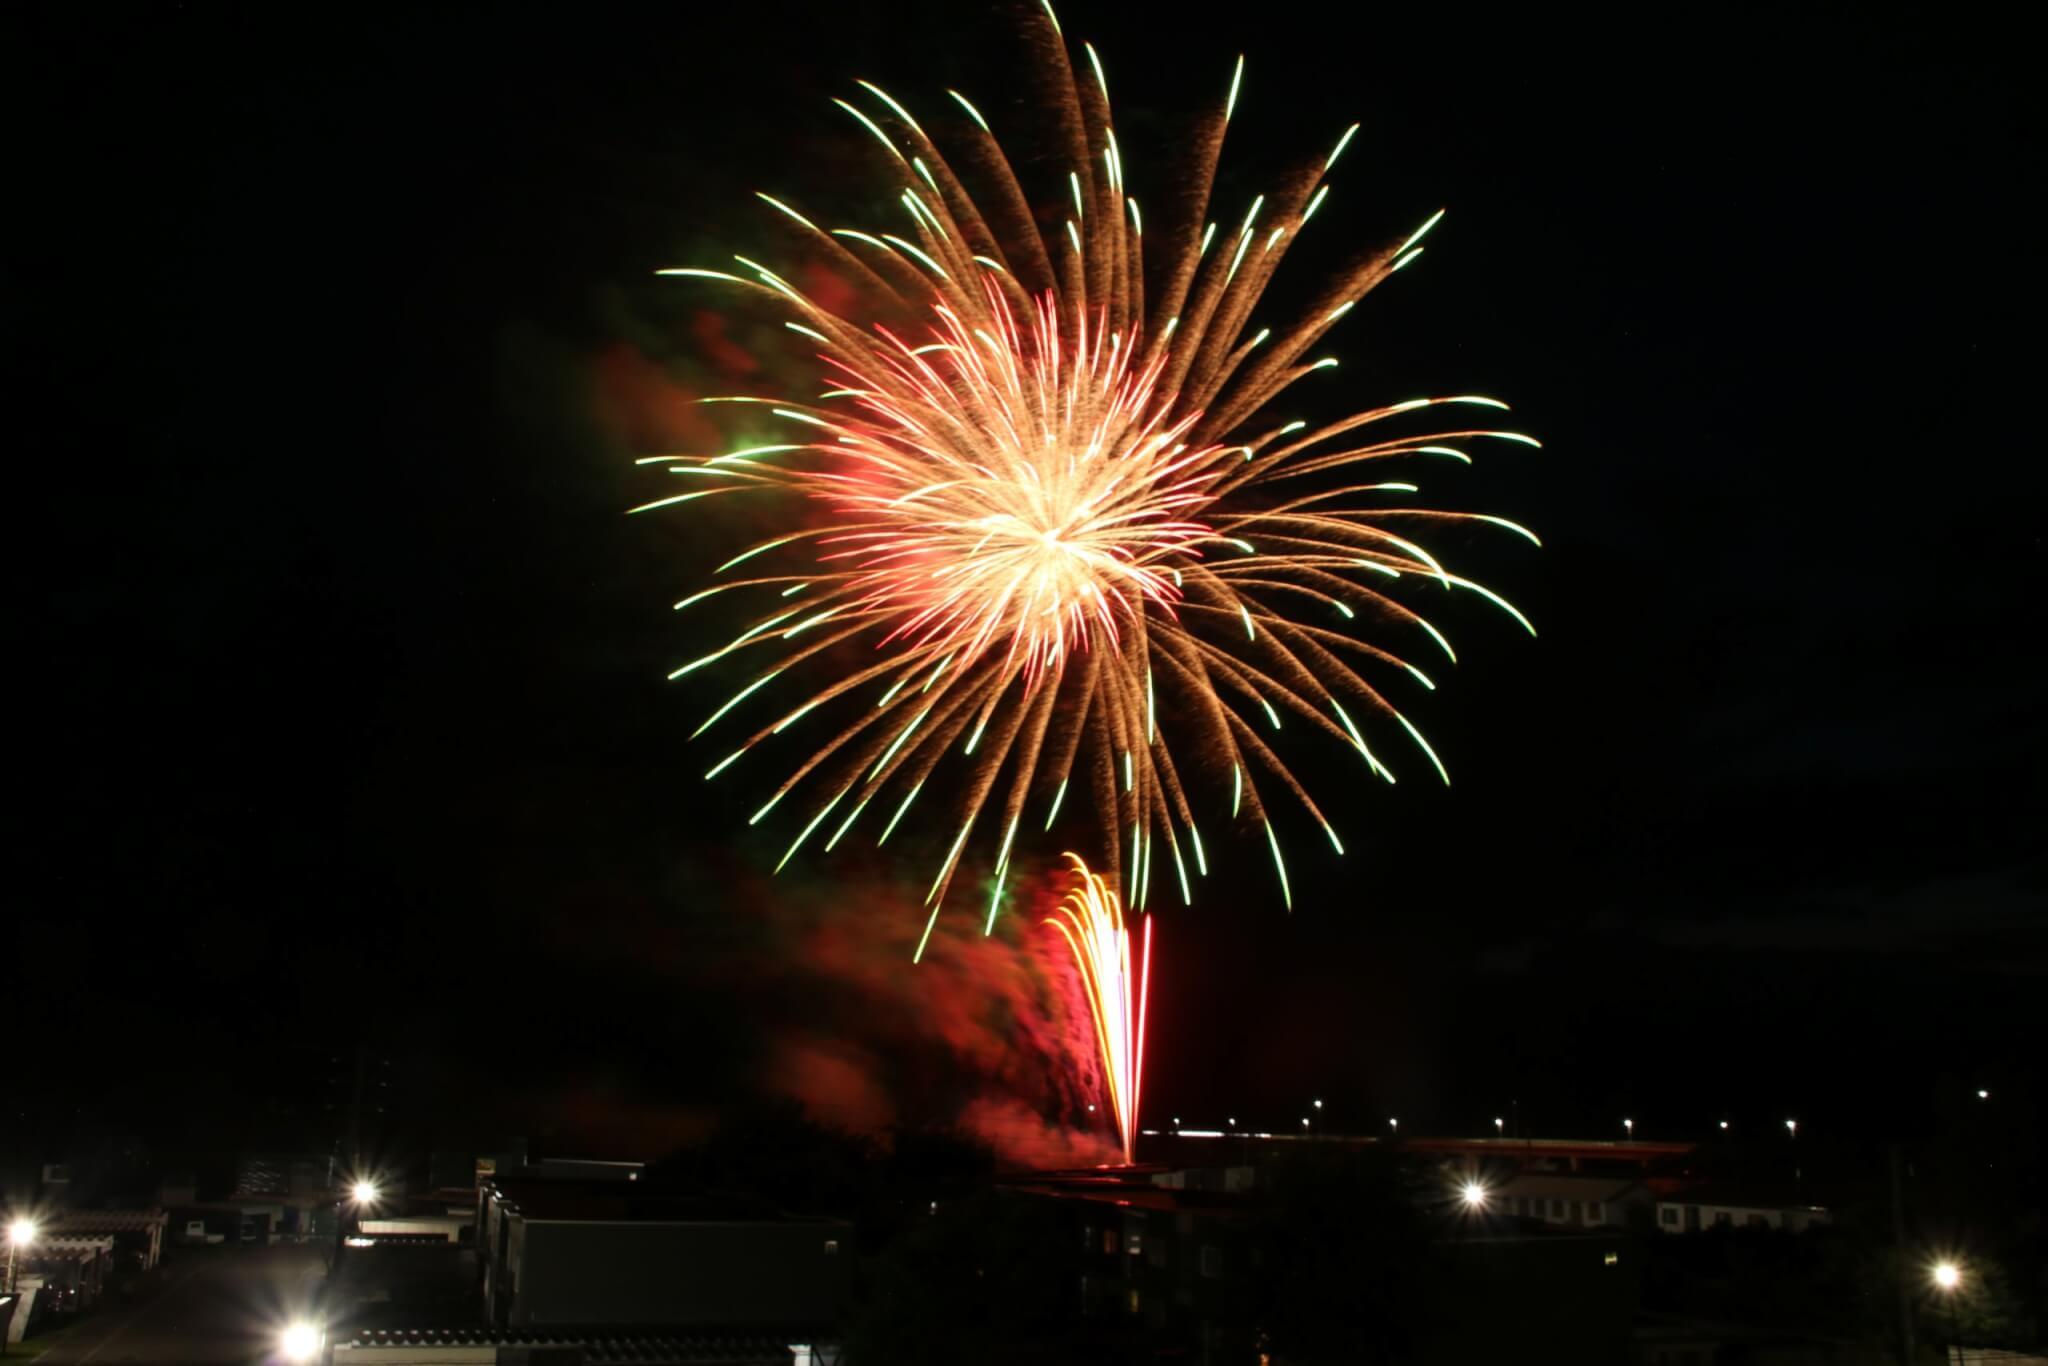 自宅で観覧!夏の夜空の打上げ花火!